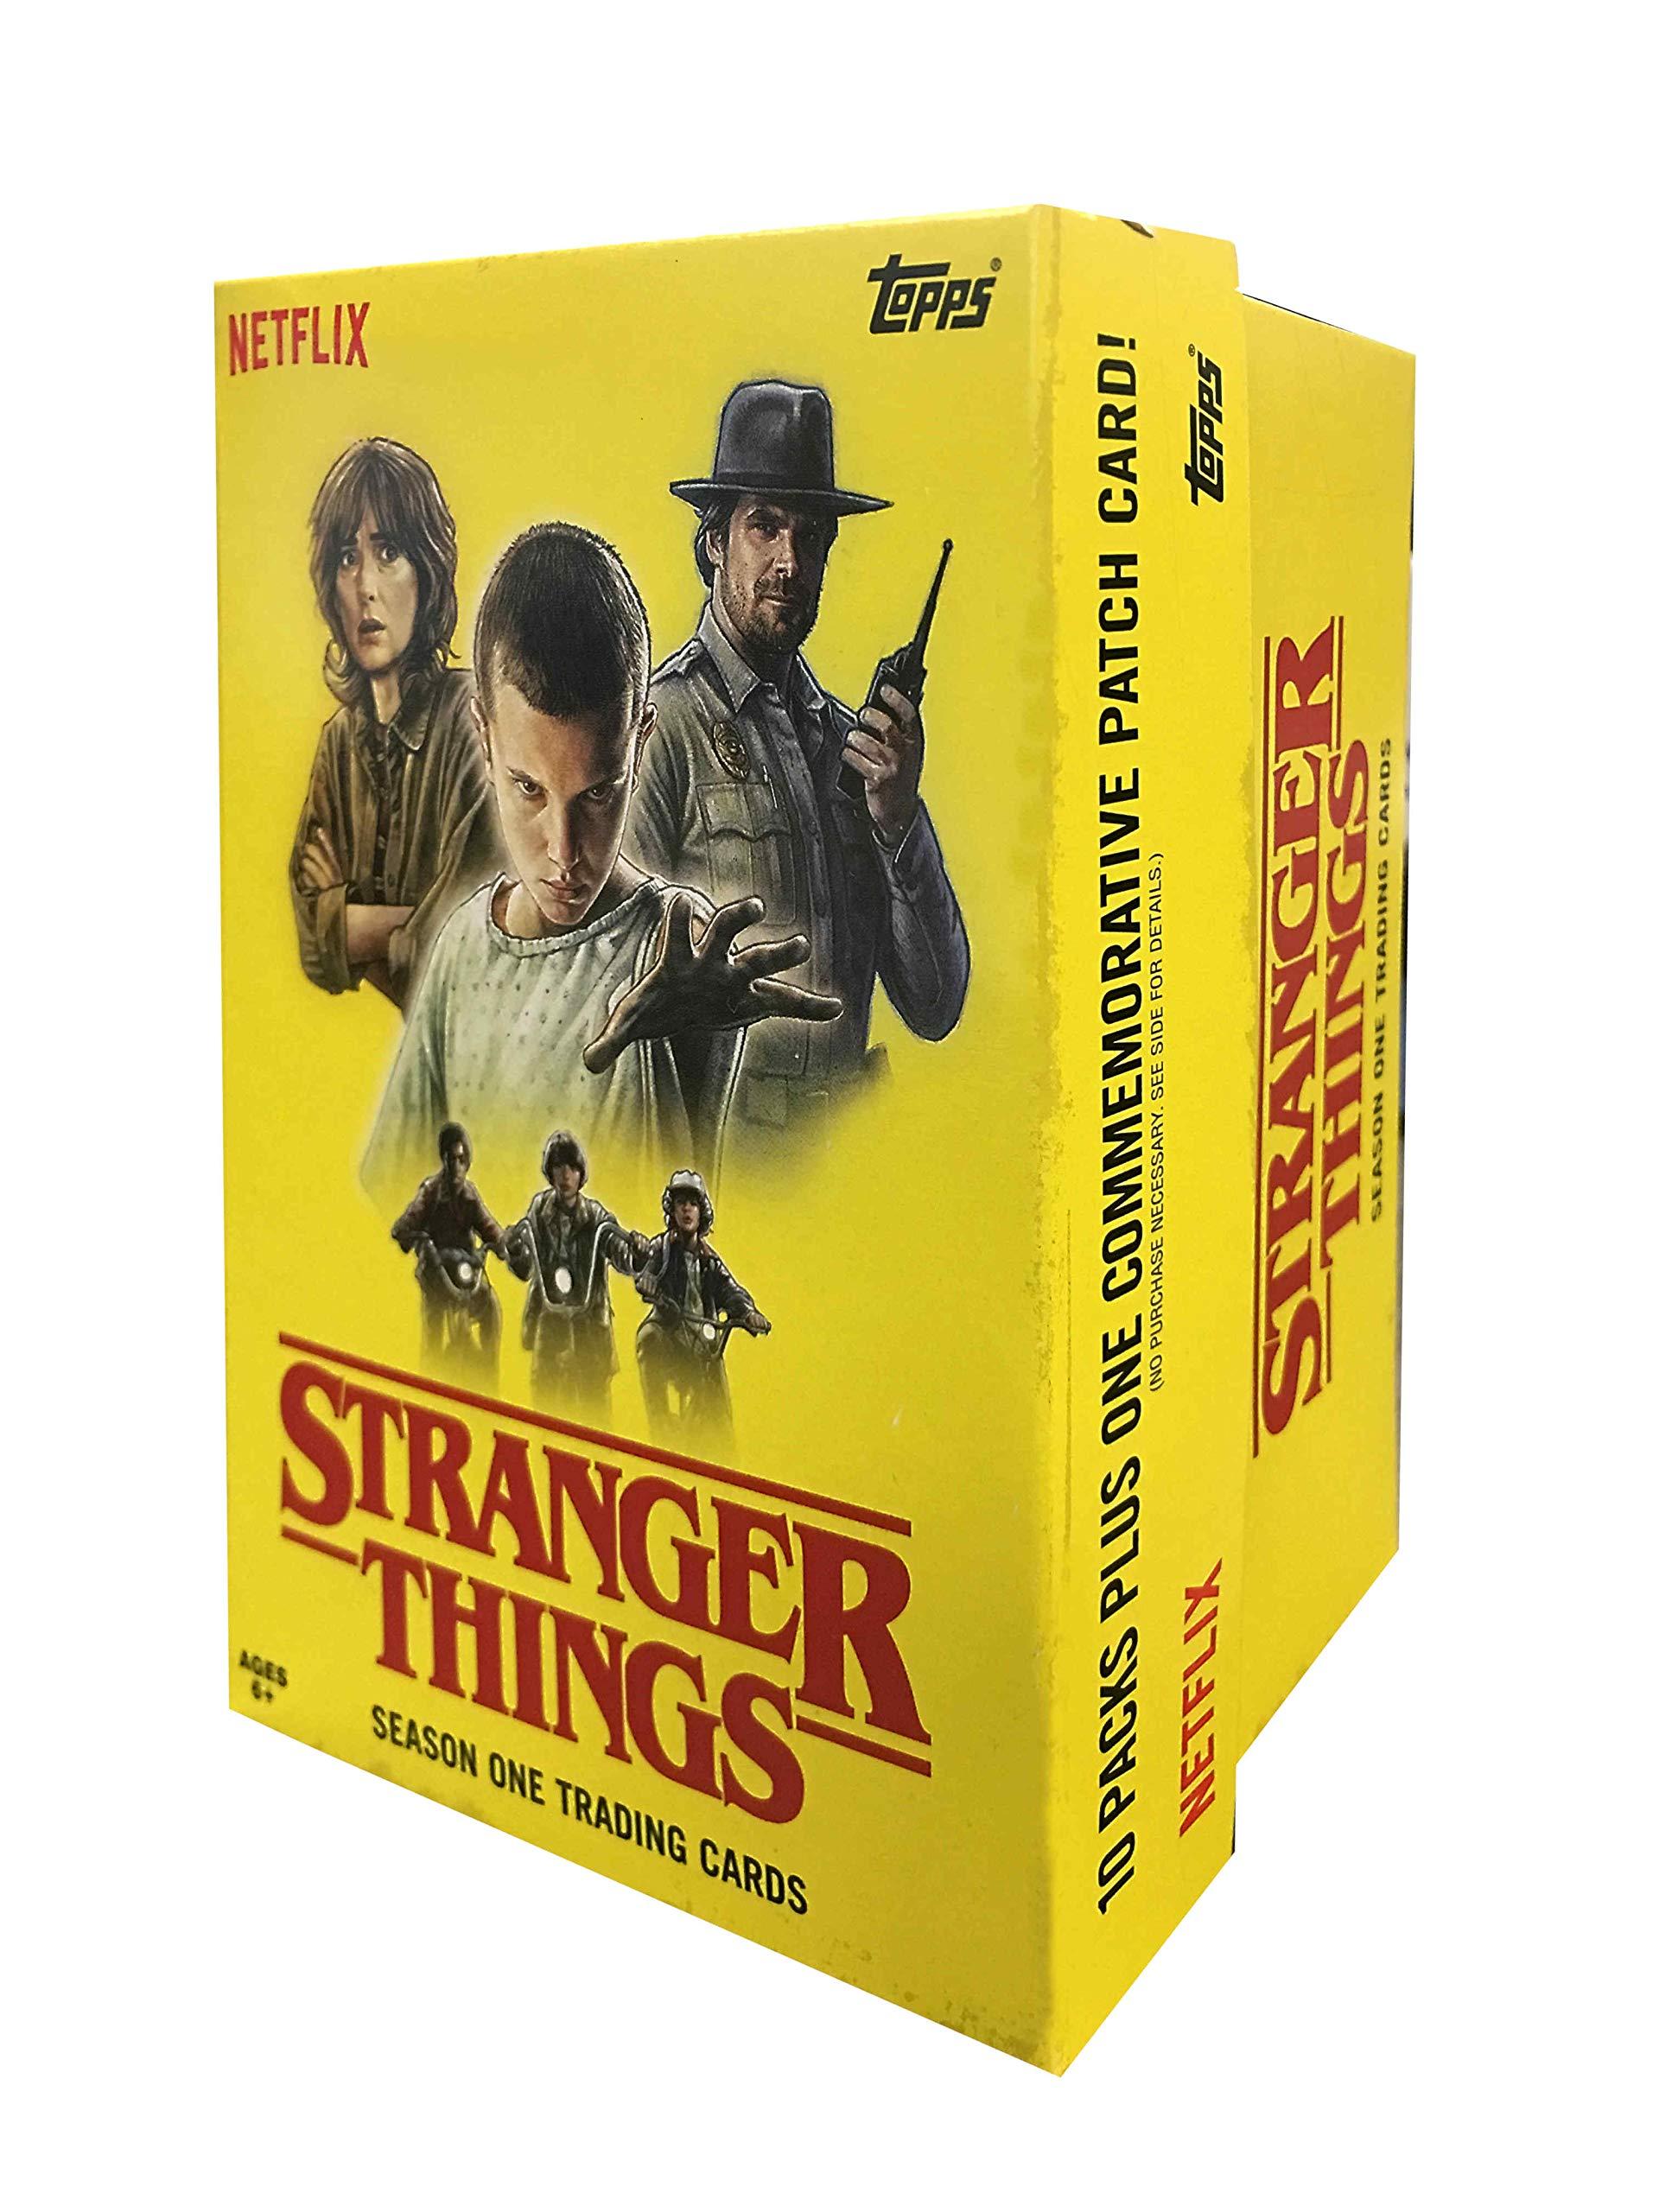 Topps Cards: Stranger Things Value Box